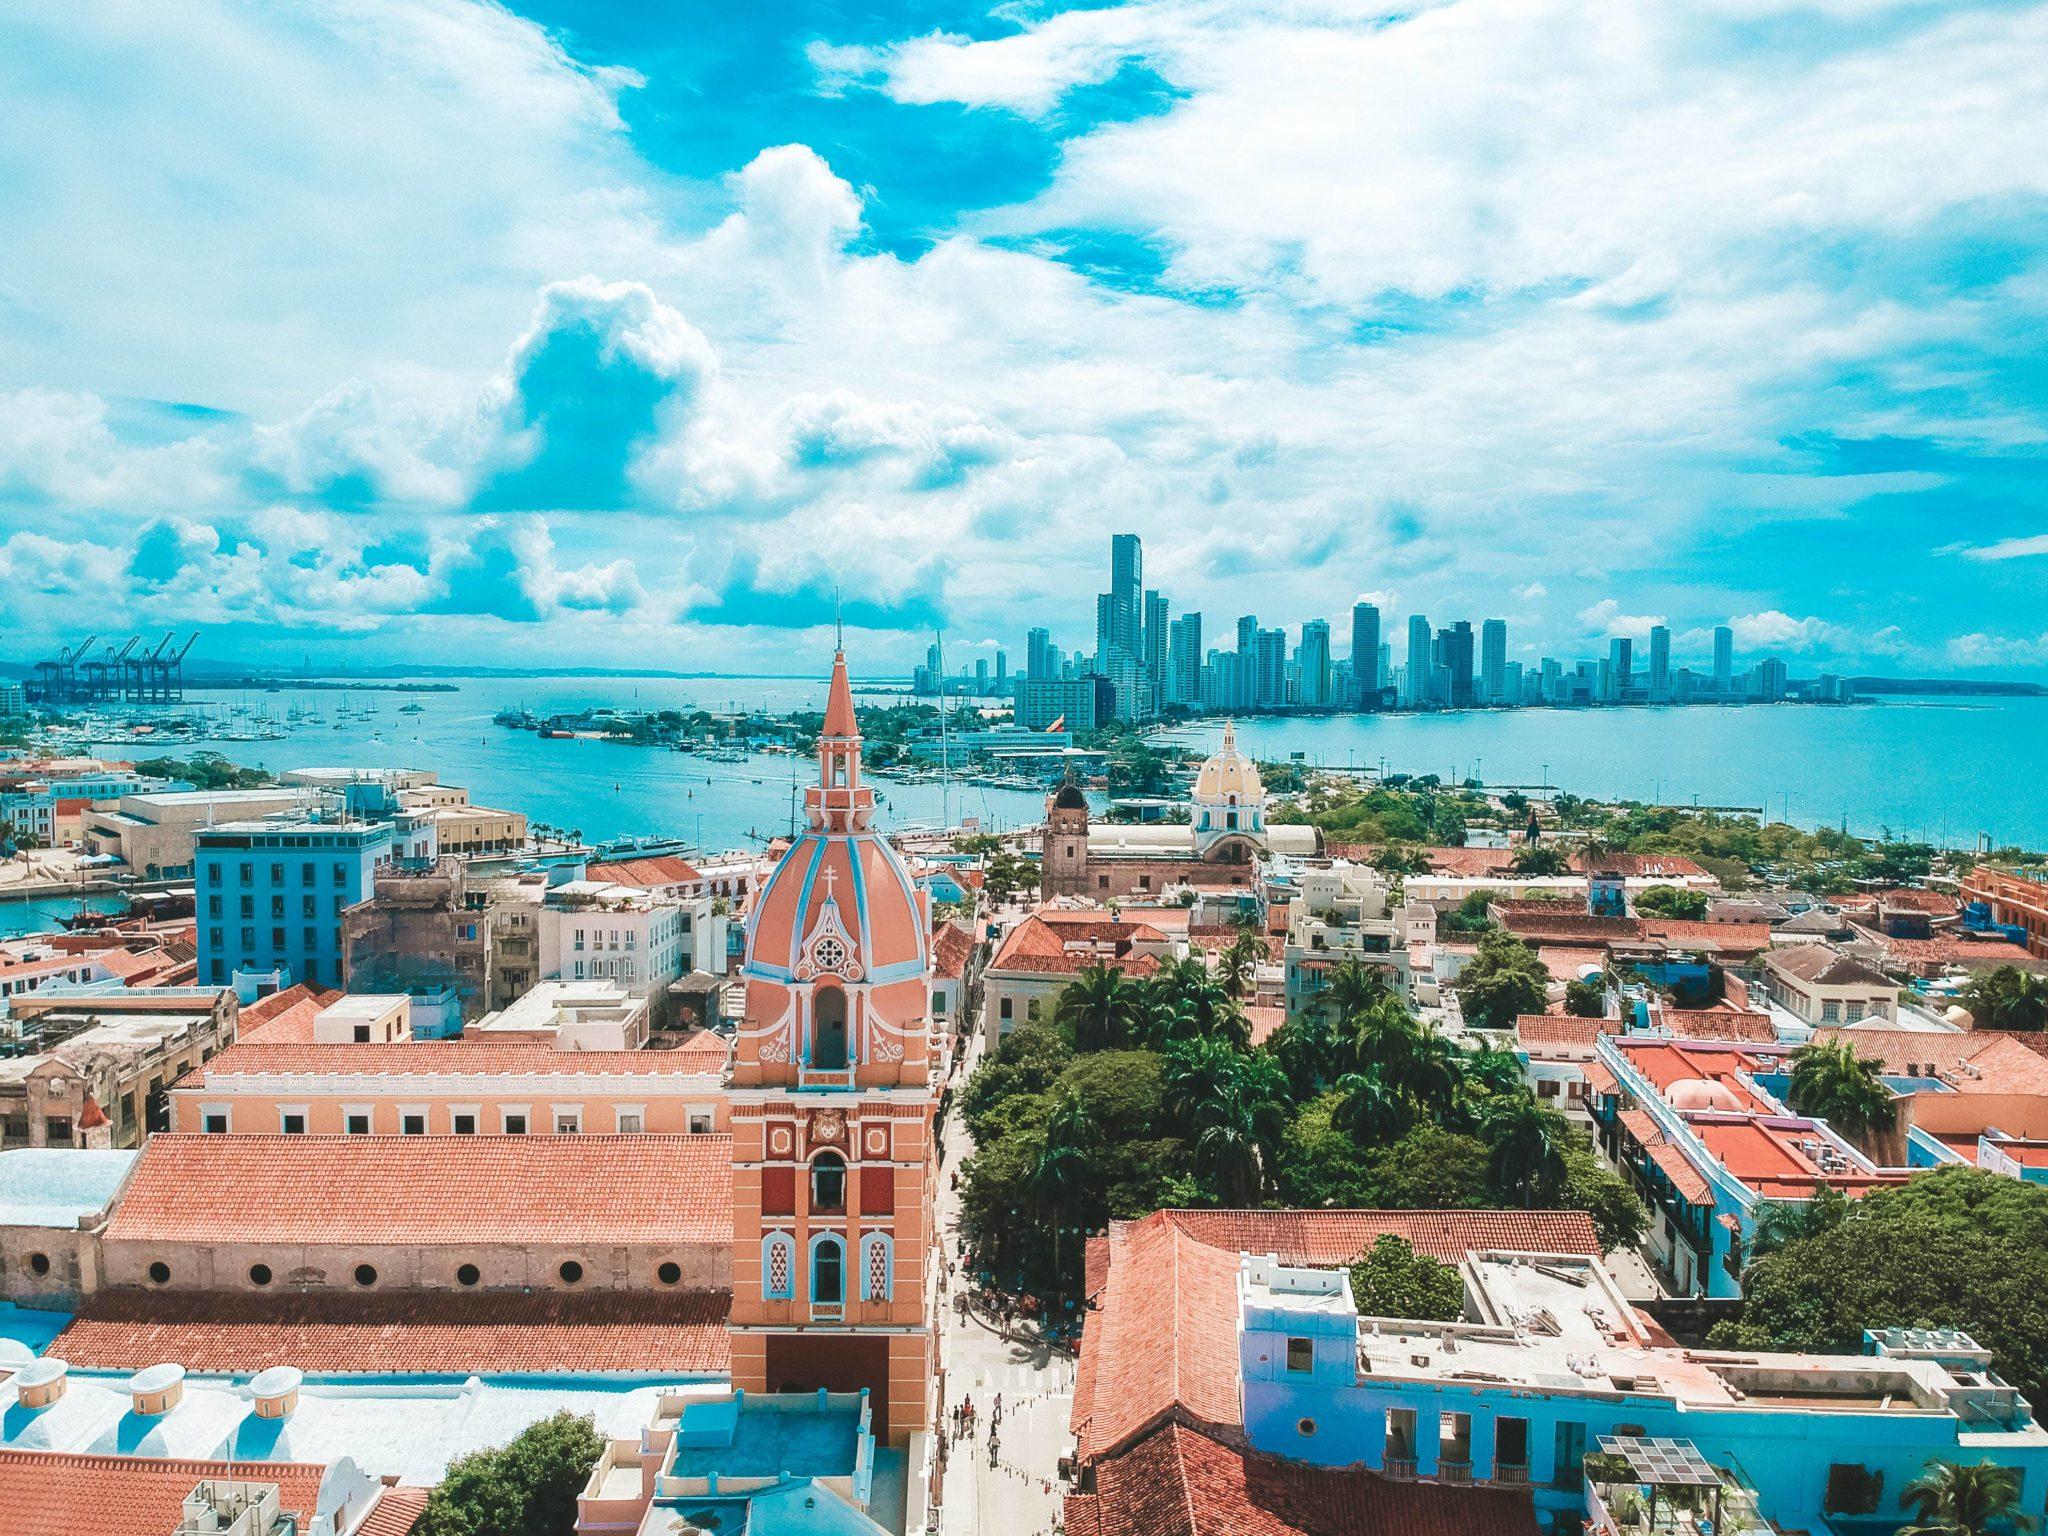 Cartagena là một trong những thành phố lãng mạn nhất trên trái đất.